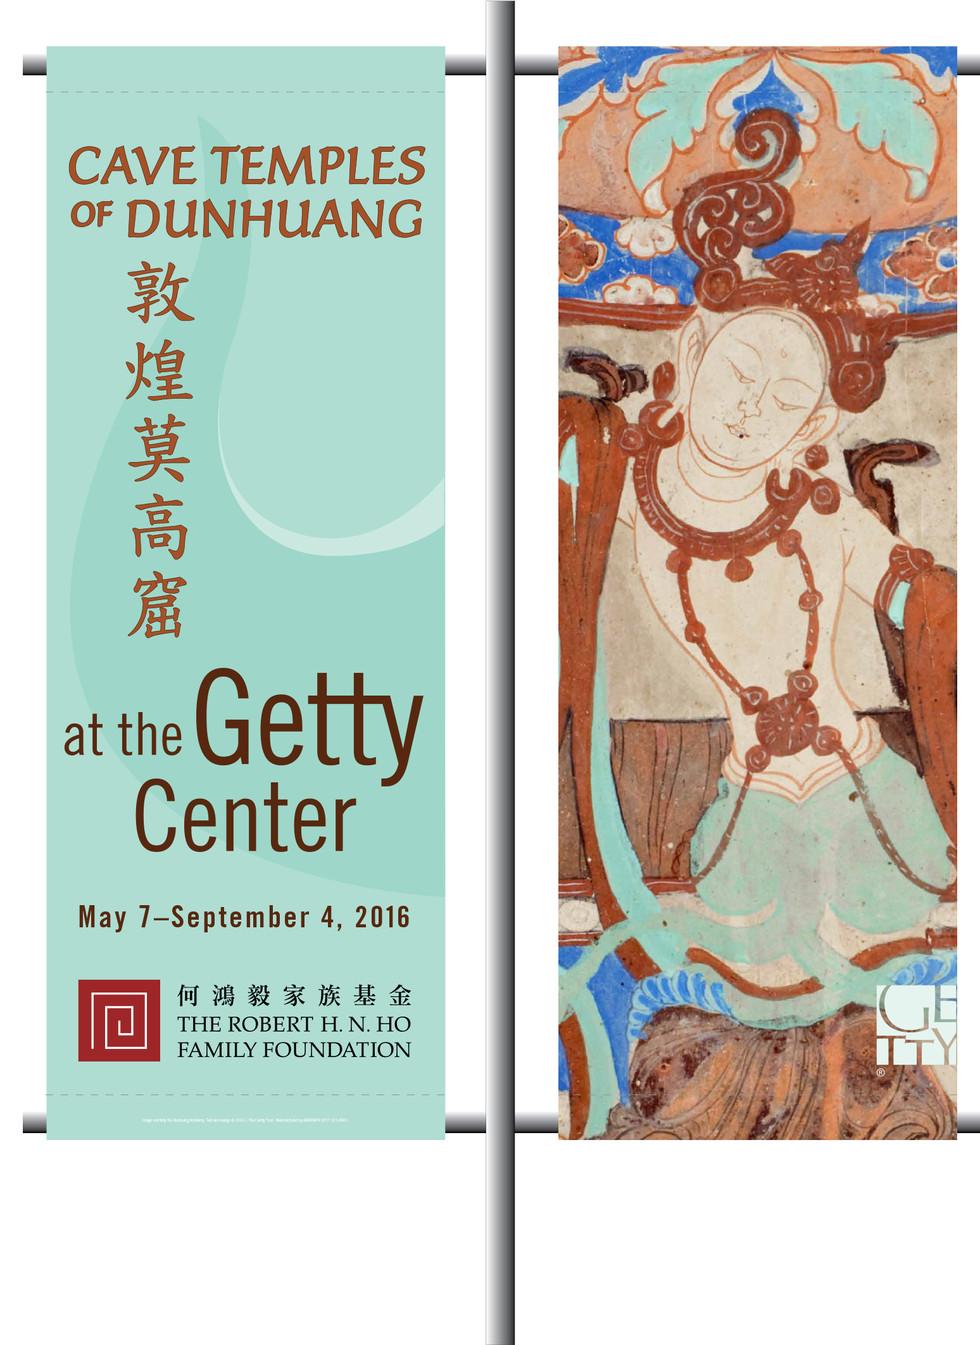 Exhibition street banner design.